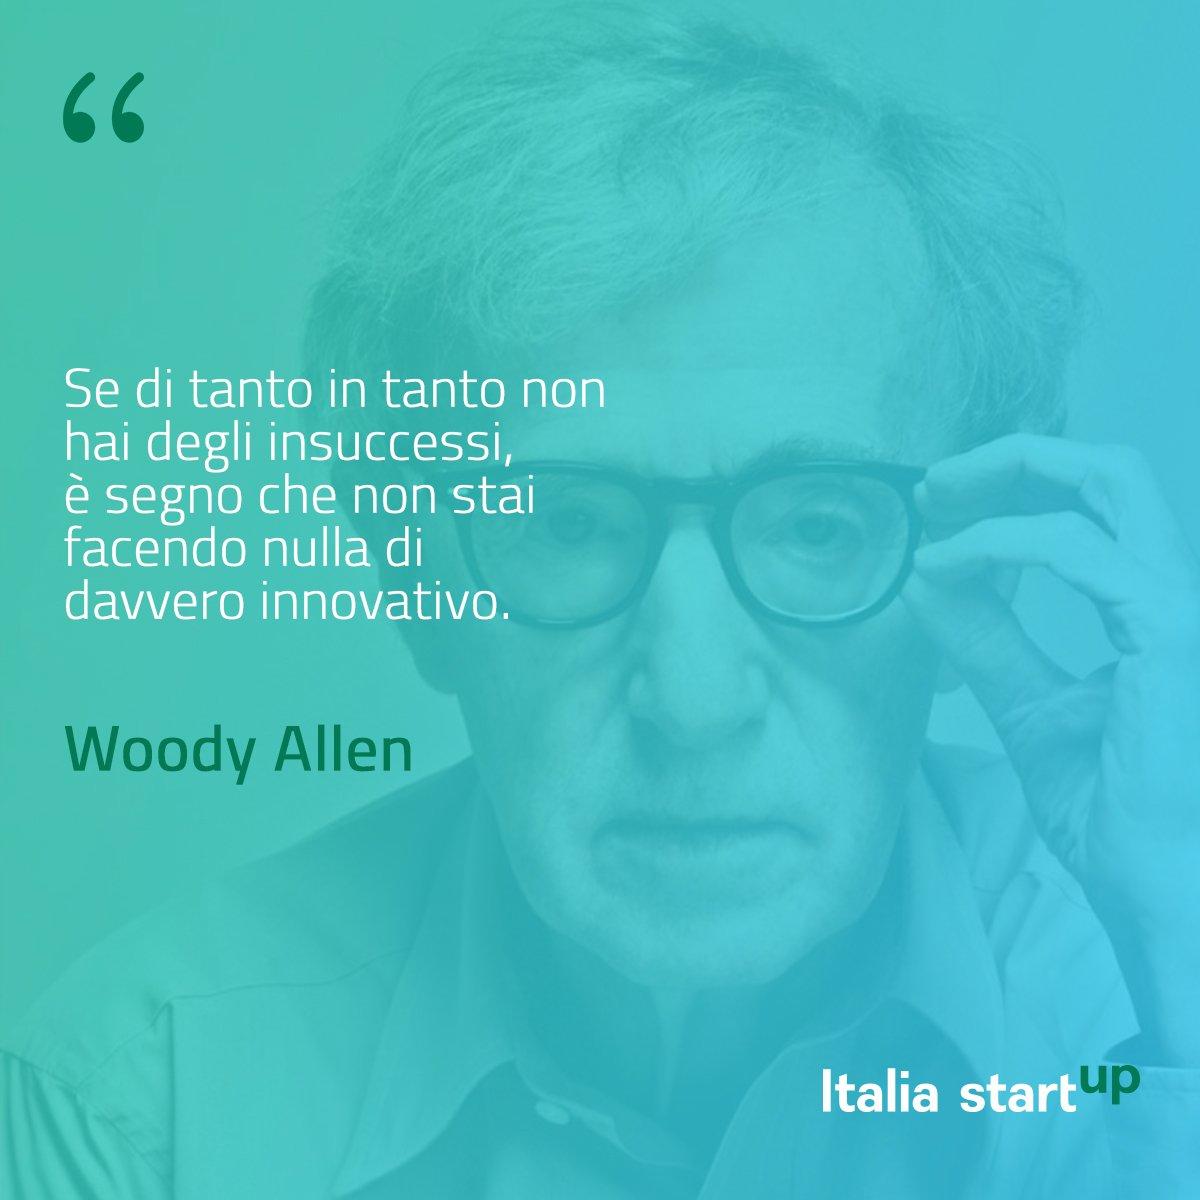 «Se di tanto in tanto non hai degli insuccessi, è segno che non stai facendo nulla di davvero innovativo». Woody Allen #ISpirationalQuotes https://t.co/4k4MLJJ9cu